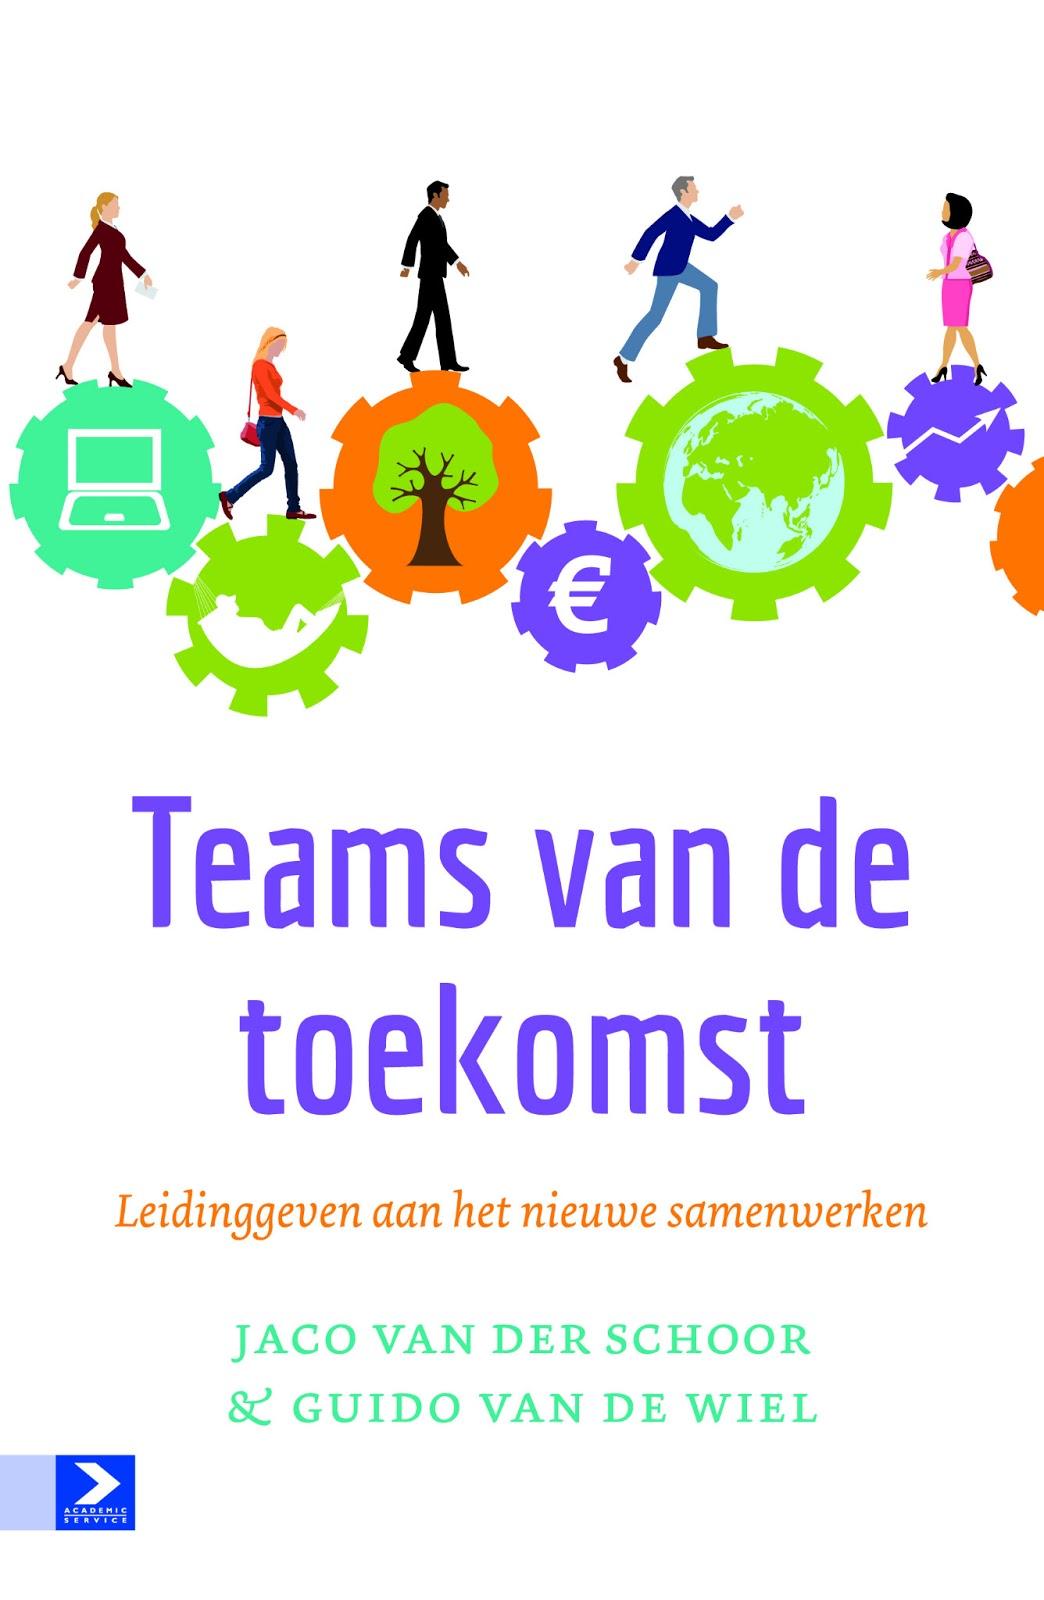 http://www.managementboek.nl/boek/9789462200067/teams-van-de-toekomst-jaco-van-der-schoor?affiliate=3058